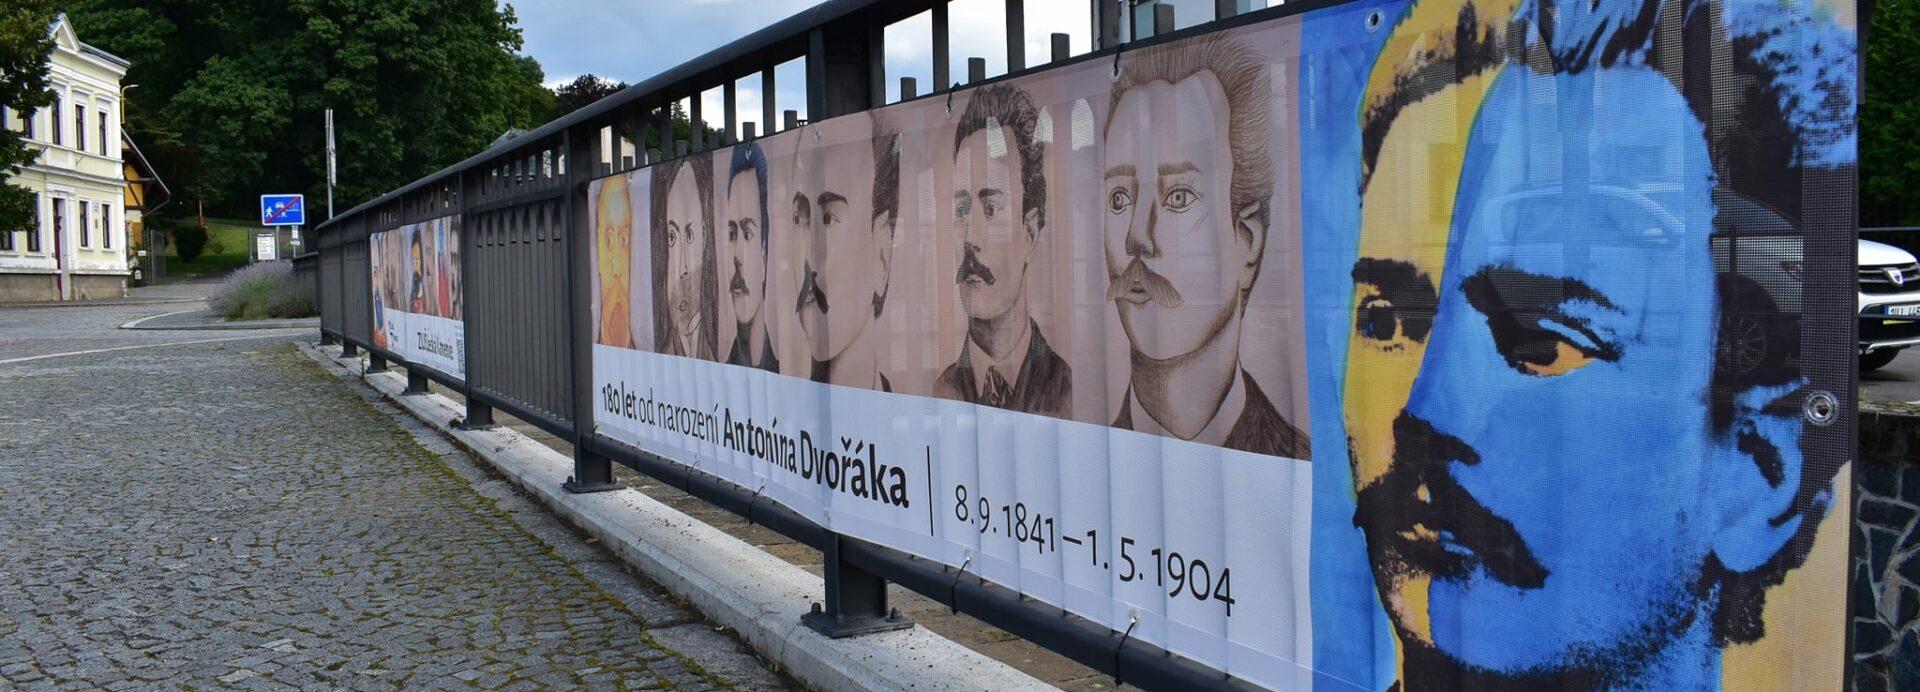 180 let od narození Antonína Dvořáka (8.9.1841 – 1.5.1904)